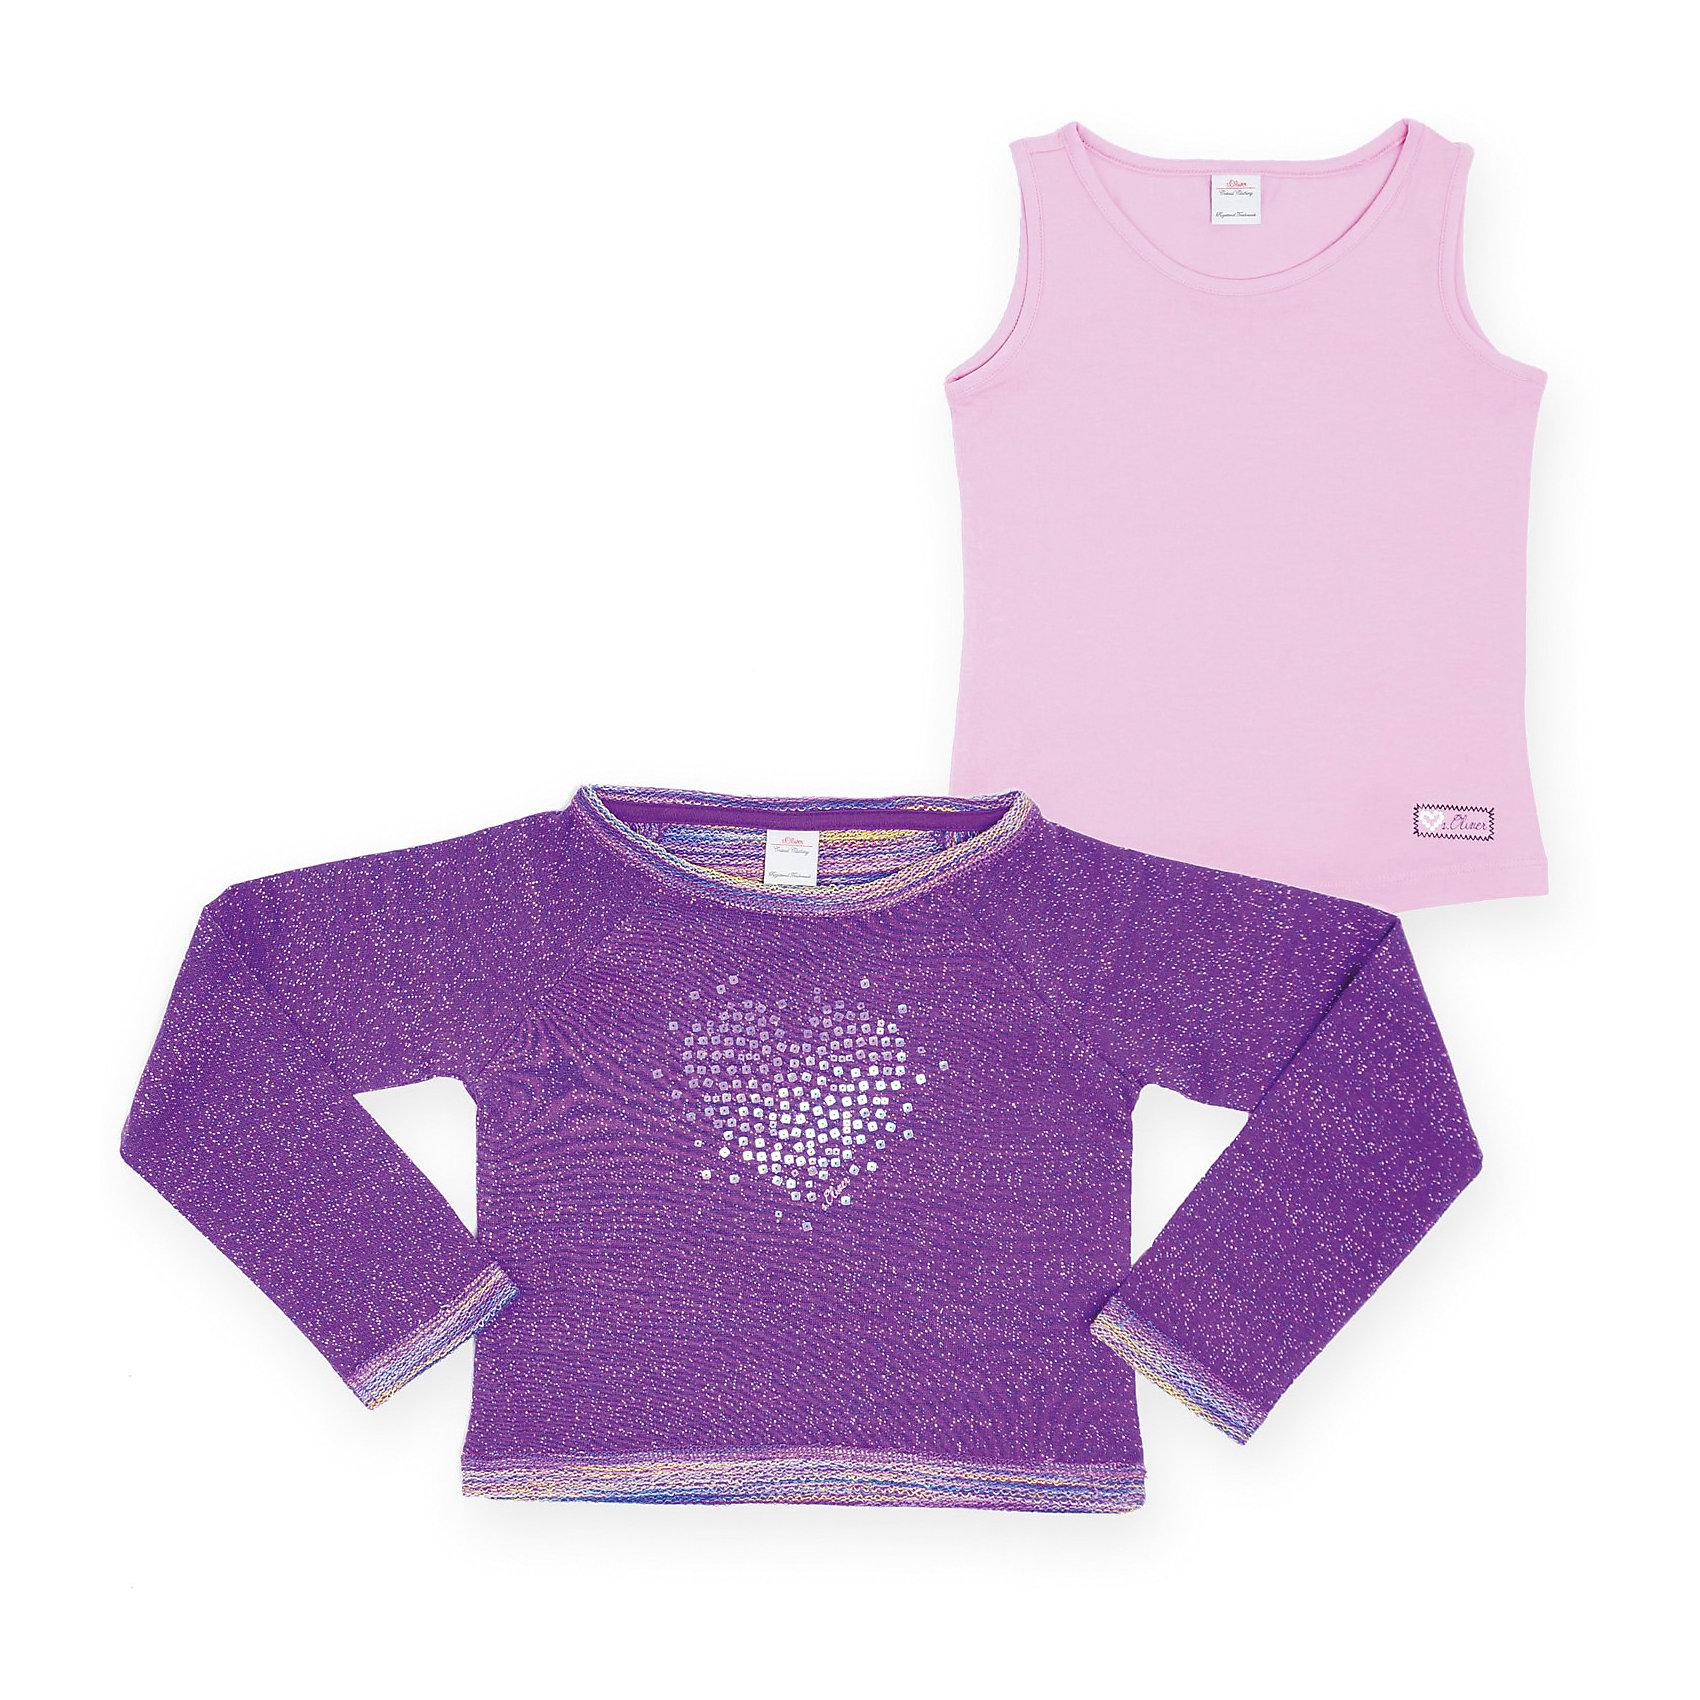 Комплект для девочки: футболка с длинным рукавом и топ s.OliverКомплект для девочки: футболка с длинным рукавом и топ s.Oliver. Состав: 100% хлопок<br><br>Ширина мм: 190<br>Глубина мм: 74<br>Высота мм: 229<br>Вес г: 236<br>Цвет: фиолетовый<br>Возраст от месяцев: 60<br>Возраст до месяцев: 84<br>Пол: Женский<br>Возраст: Детский<br>Размер: 116/122,92/98,128/134,104/110<br>SKU: 3841059